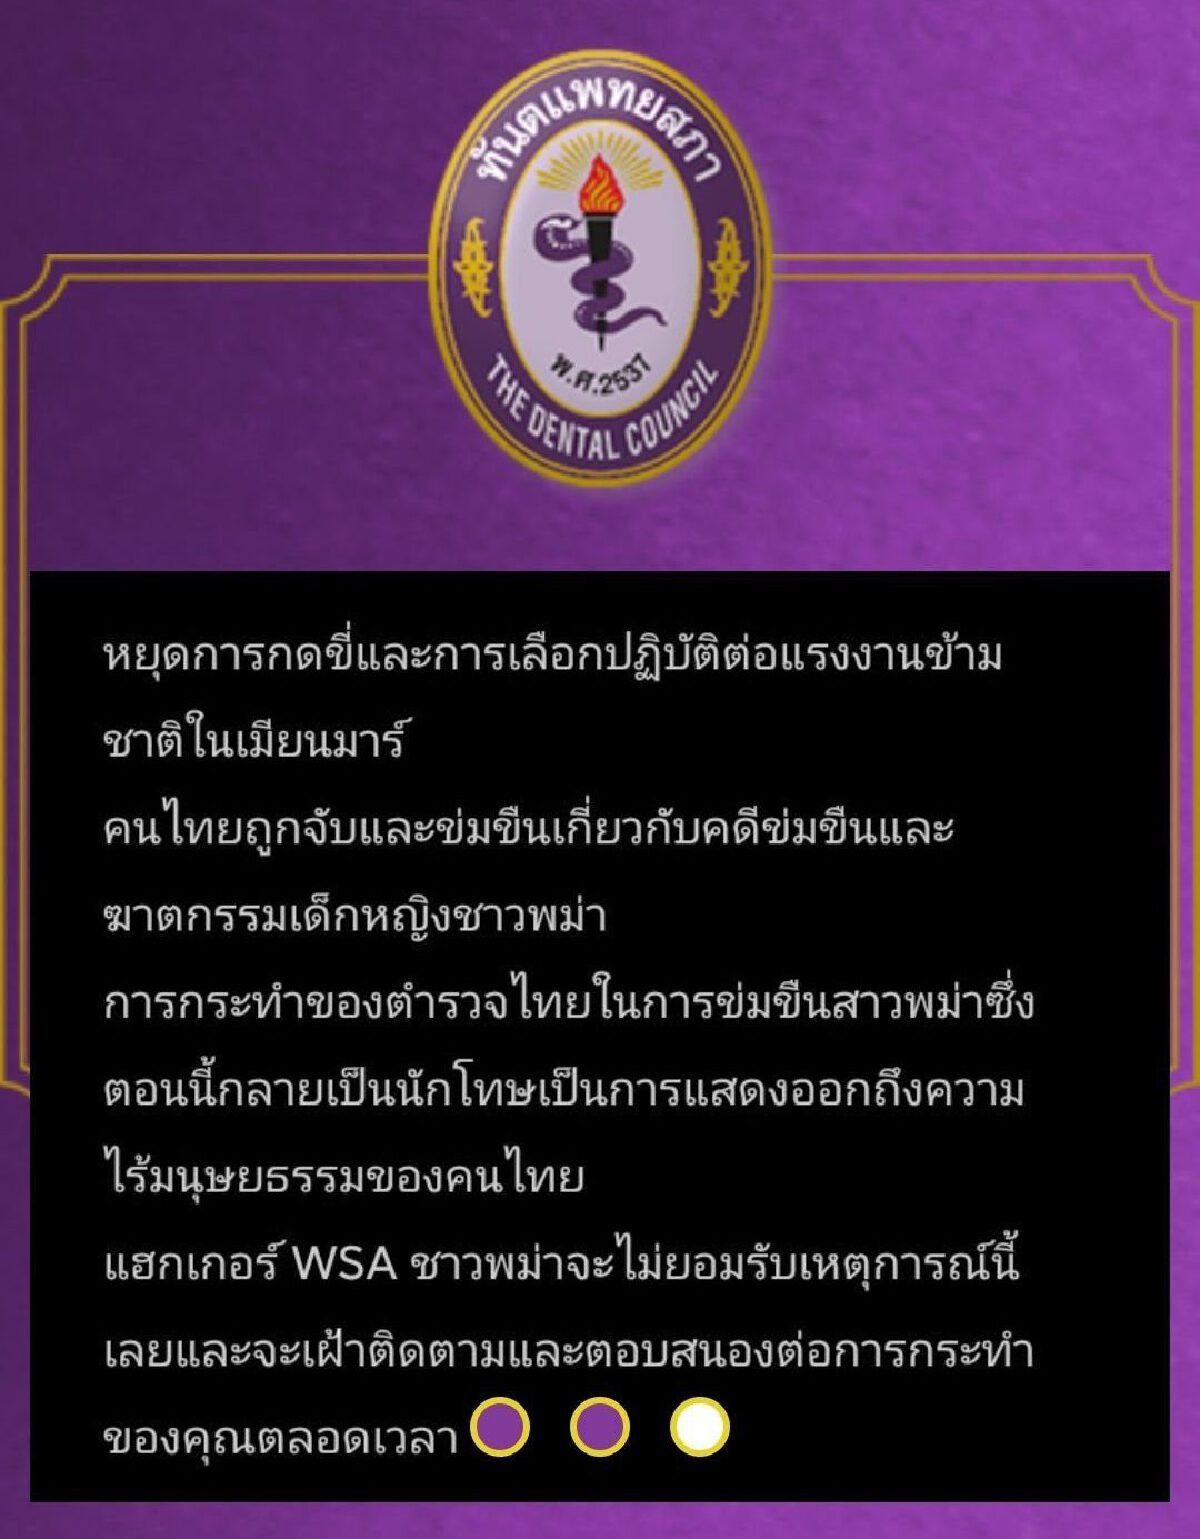 เว็บไซต์ ทันตแพทยสภา ถูกแฮ็กเกอร์ลอบป่วนประณามไทยไร้มนุษยธรรม